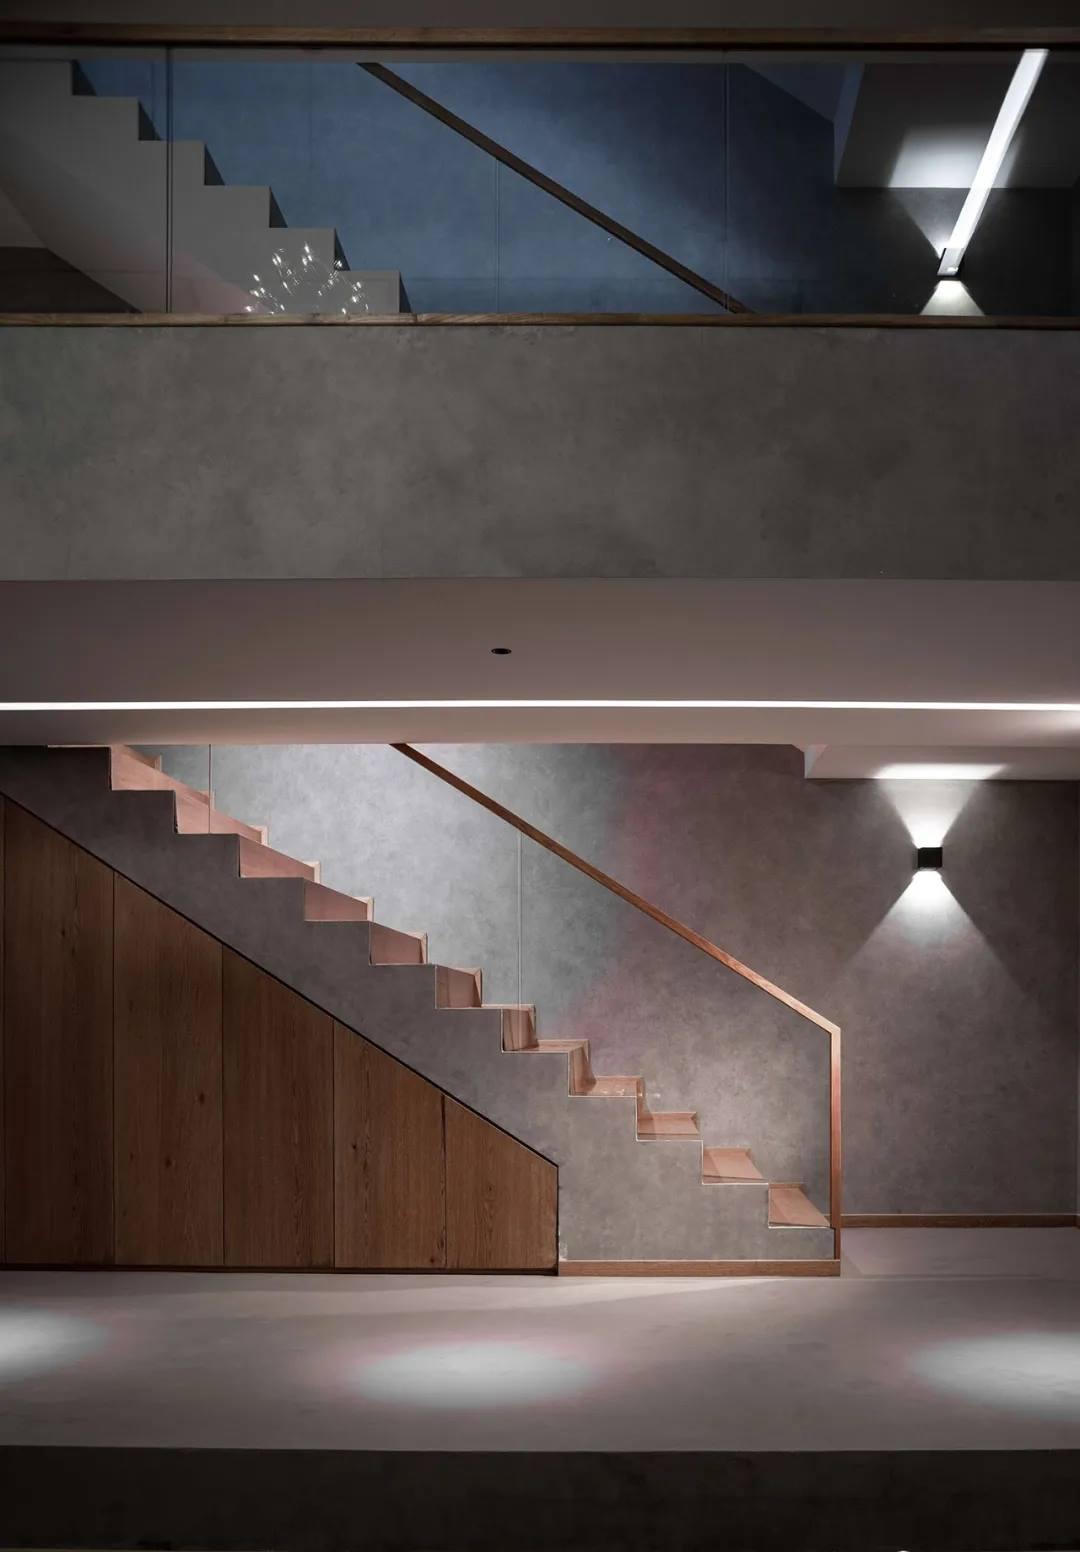 尚层别墅装修业主家地下室楼梯改造效果